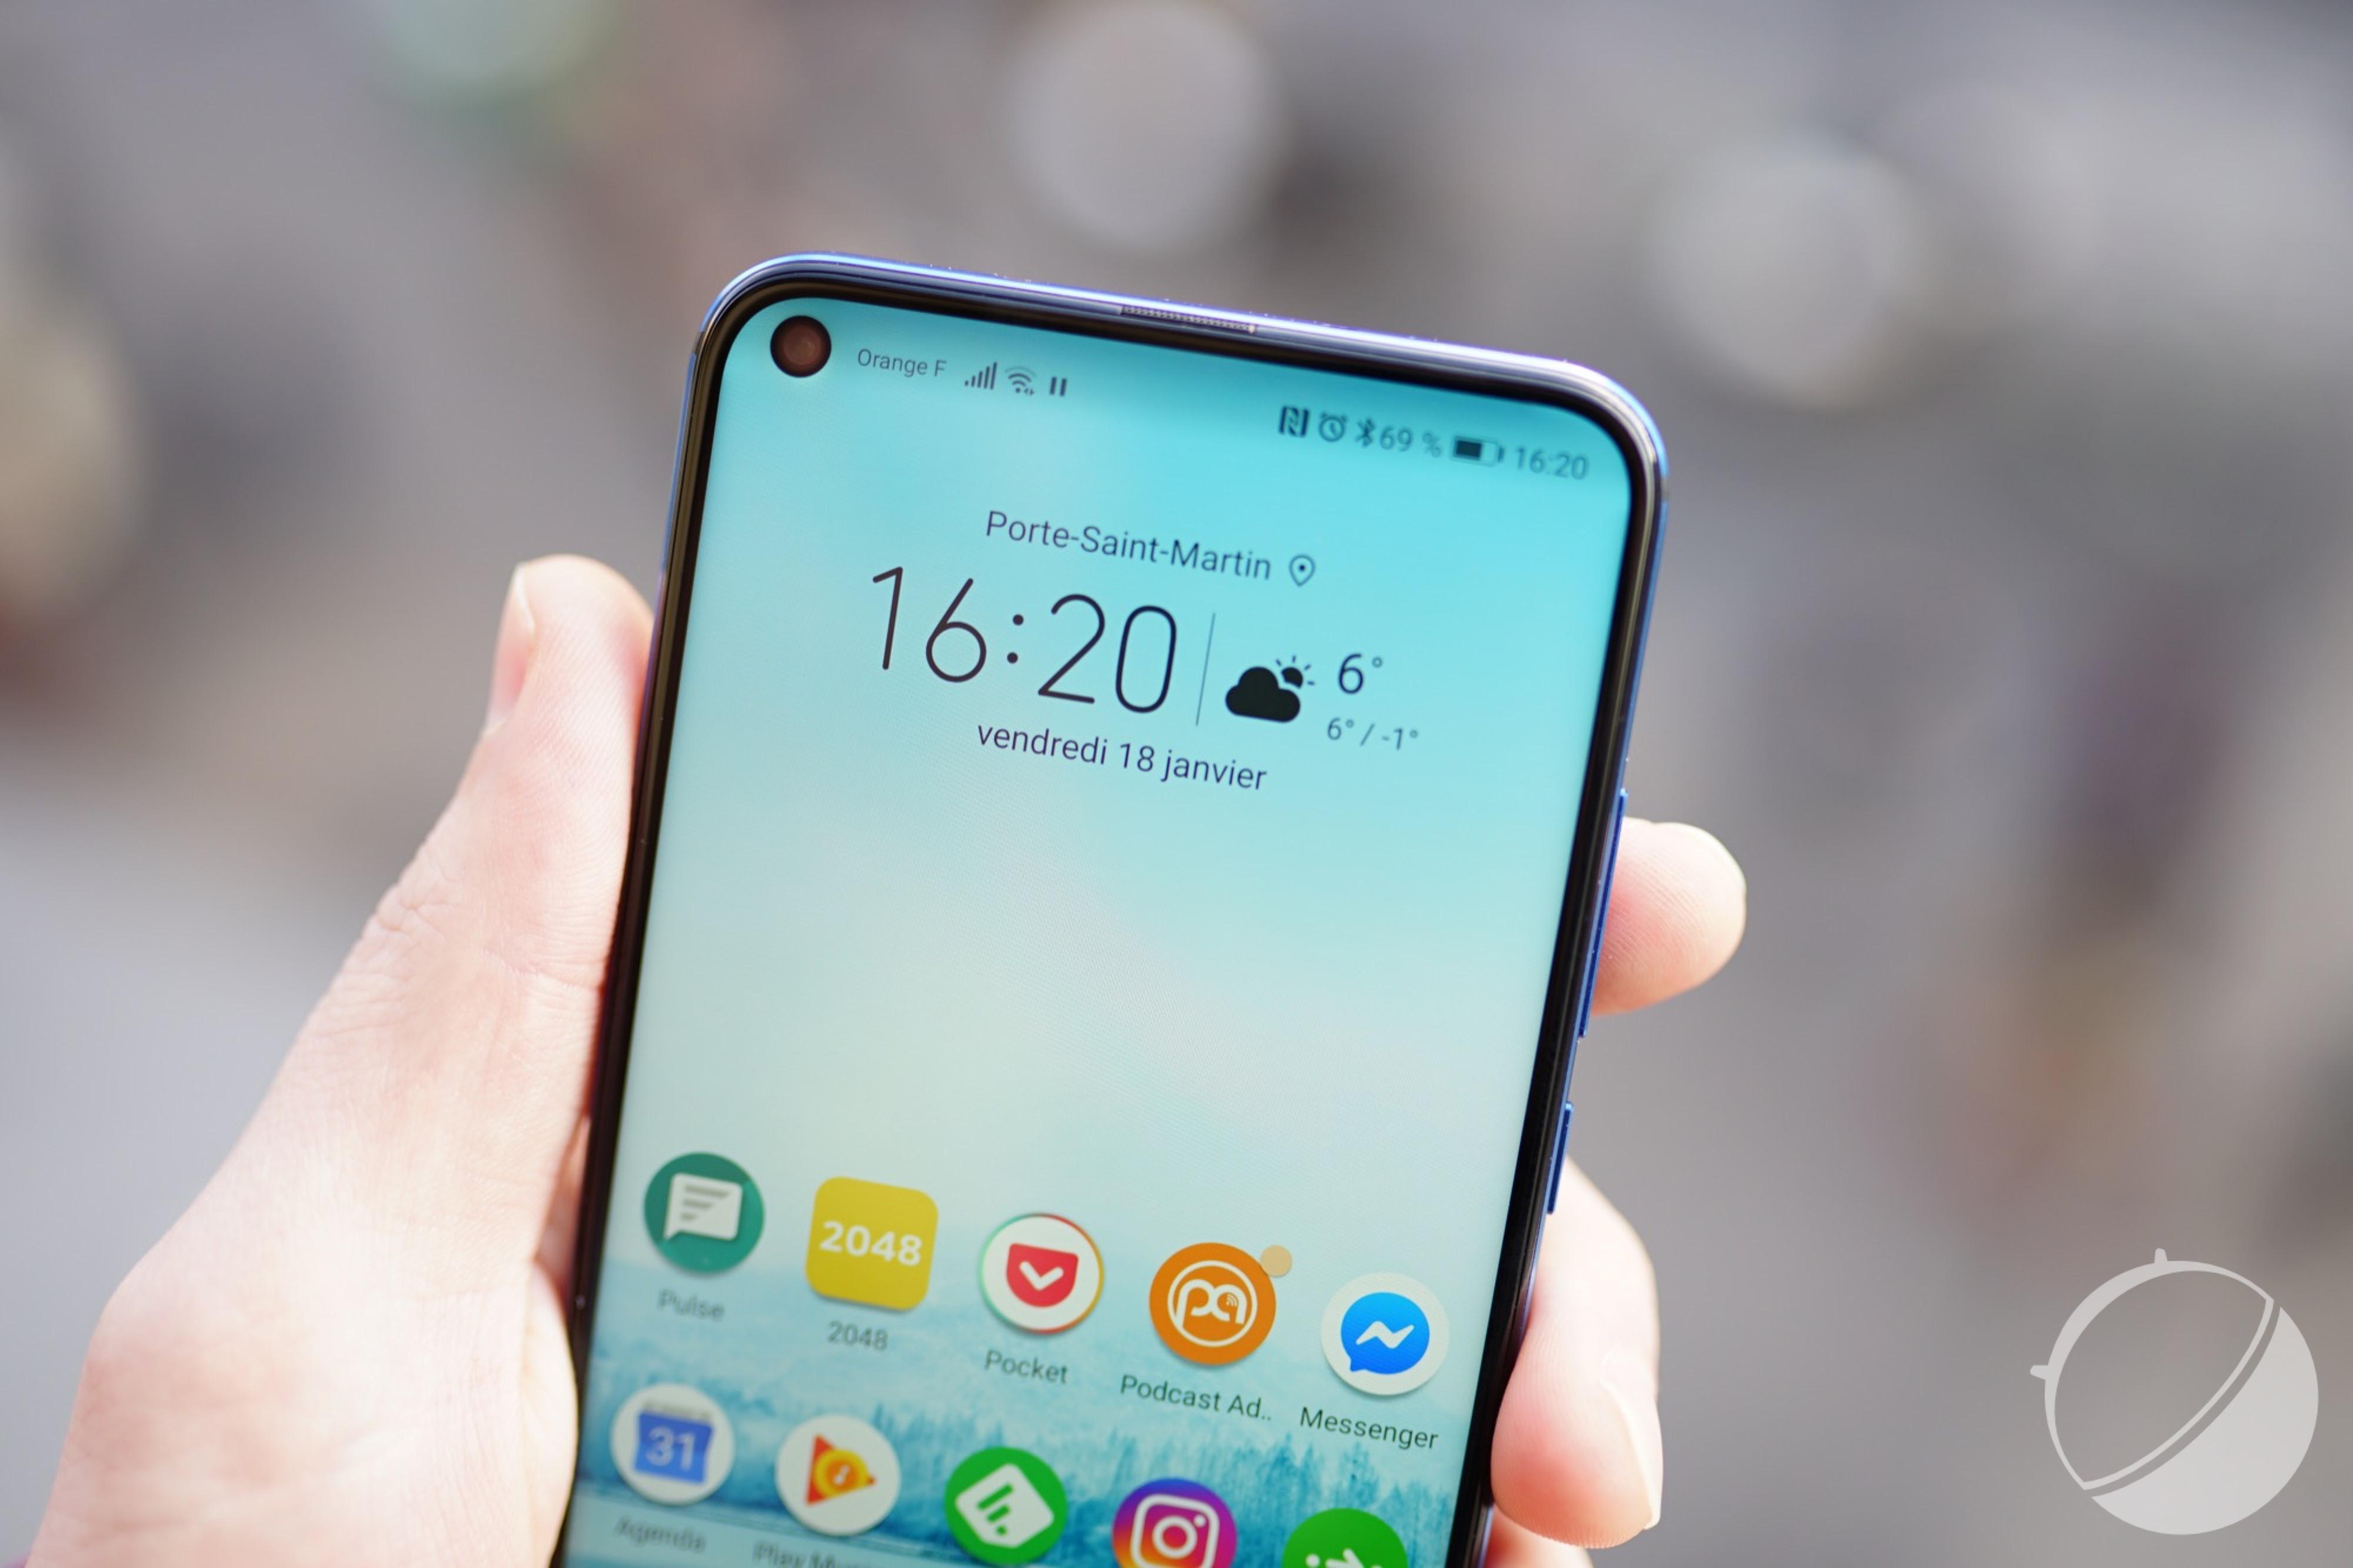 Toujours plus : Xiaomi envisage un smartphone avec 2 trous dans l'écran